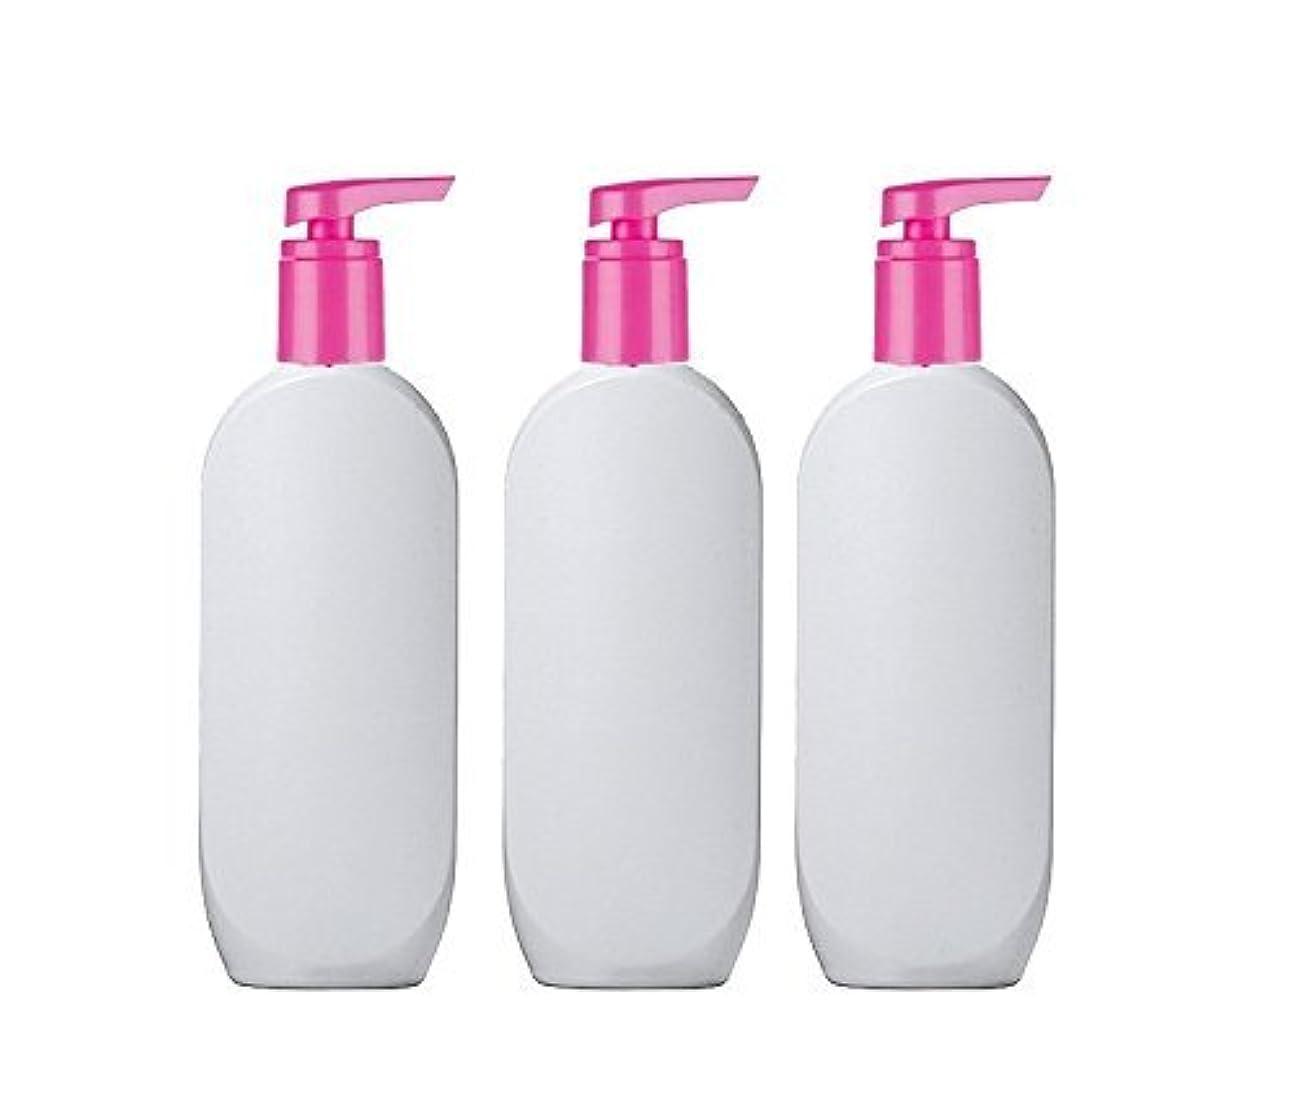 ディスコ生きている珍しい3 Grand Parfums HDPE Empire StylsPlastic Lotion Pump Bottles, 8 Oz with Hot Pink Pearlized Caps, for Shampoo,...